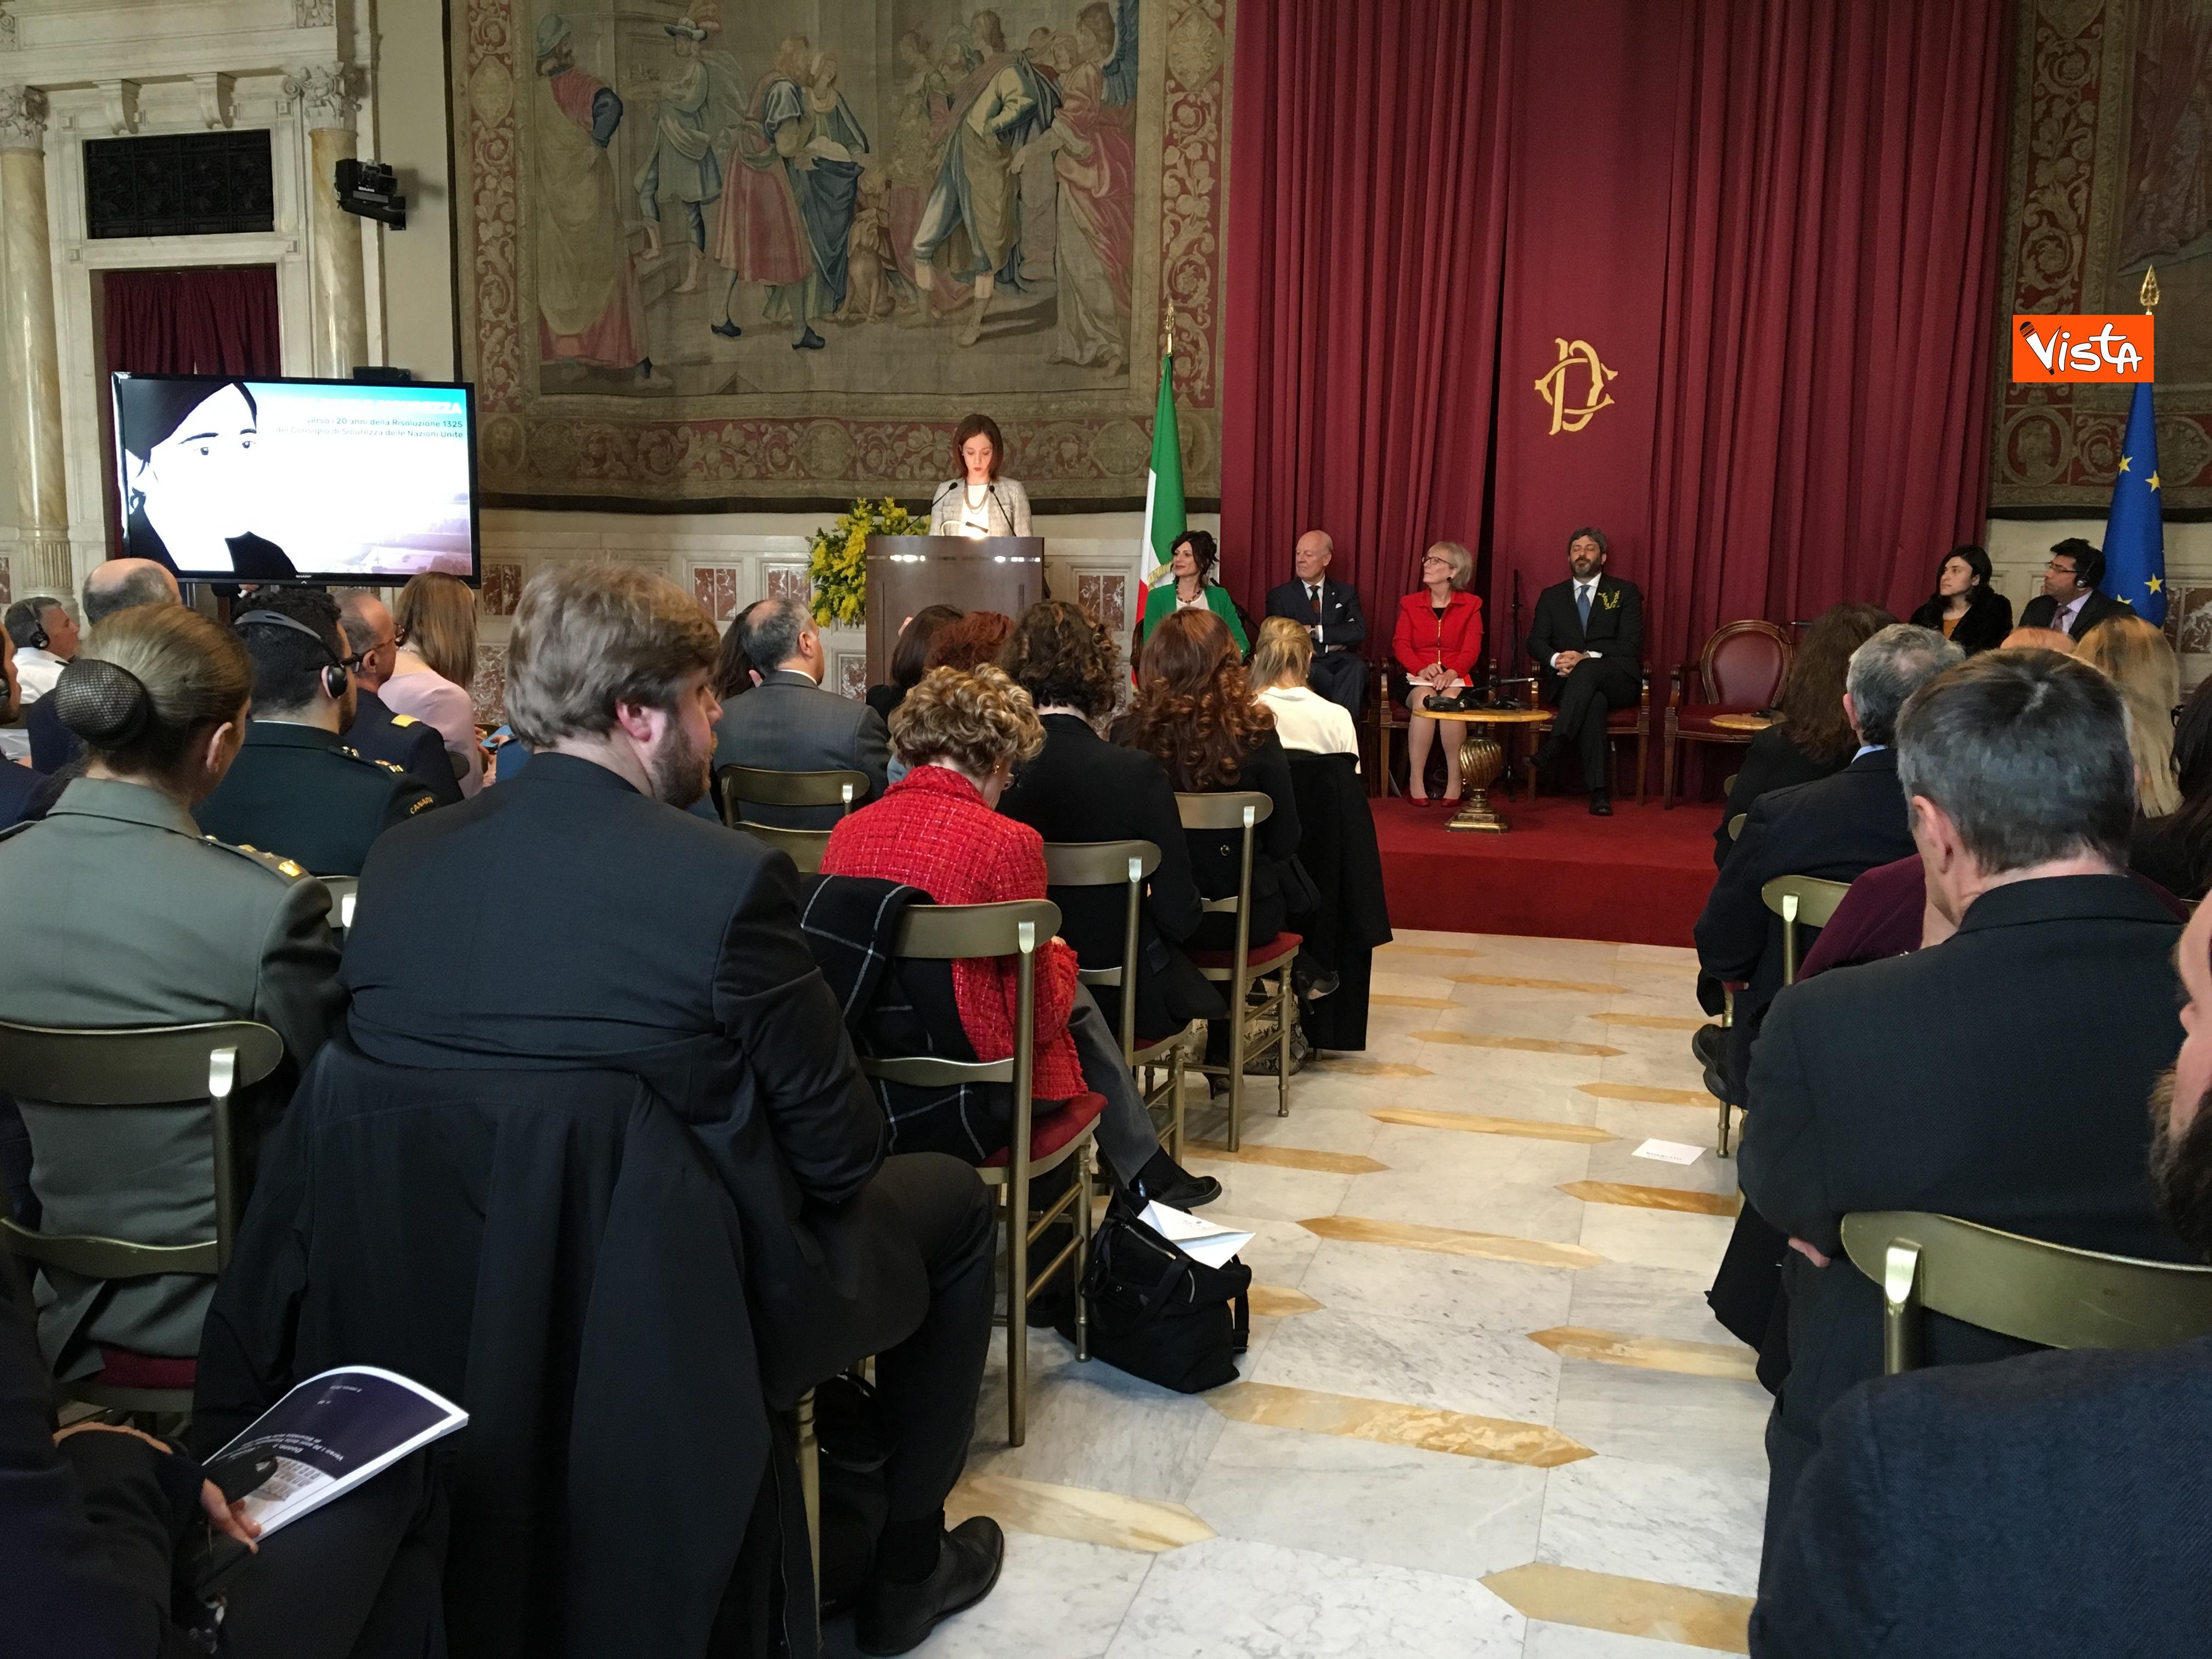 06-03-19 8 marzo a Montecitorio il convgeno Donne pace e sicurezza con il presidente Fico immagini_03